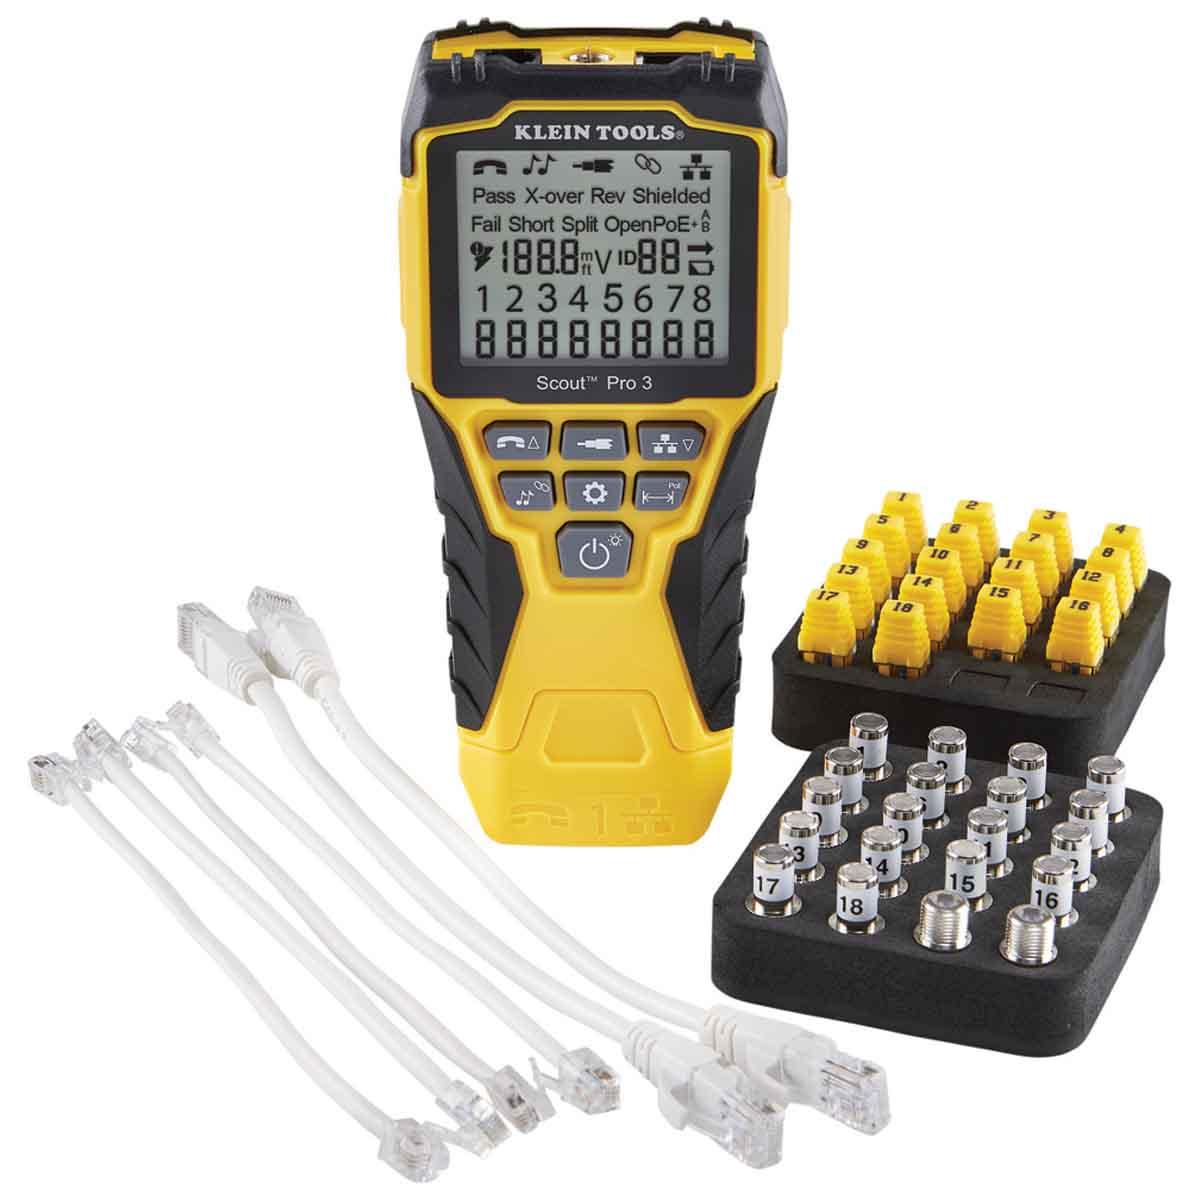 Probador De Cables Scout Pro3 + Kit Transmisores Klein Tools